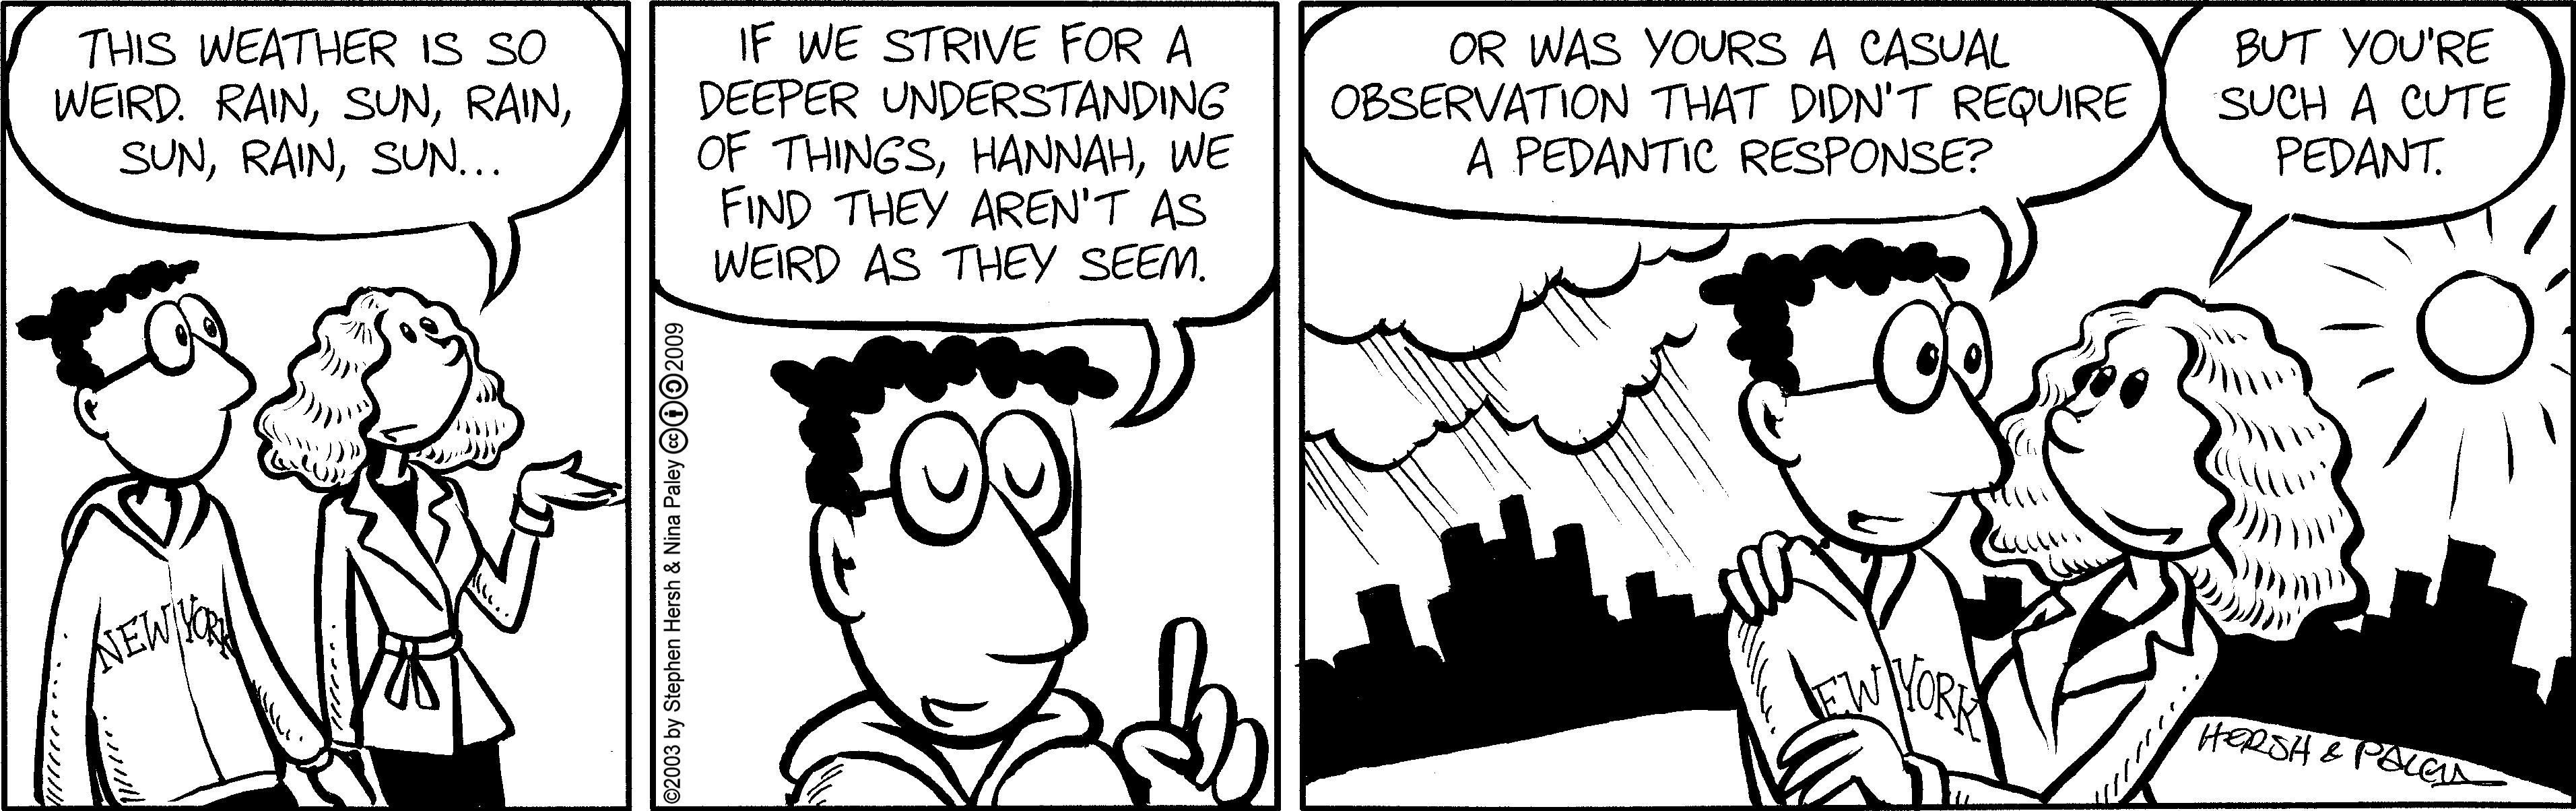 Pedant